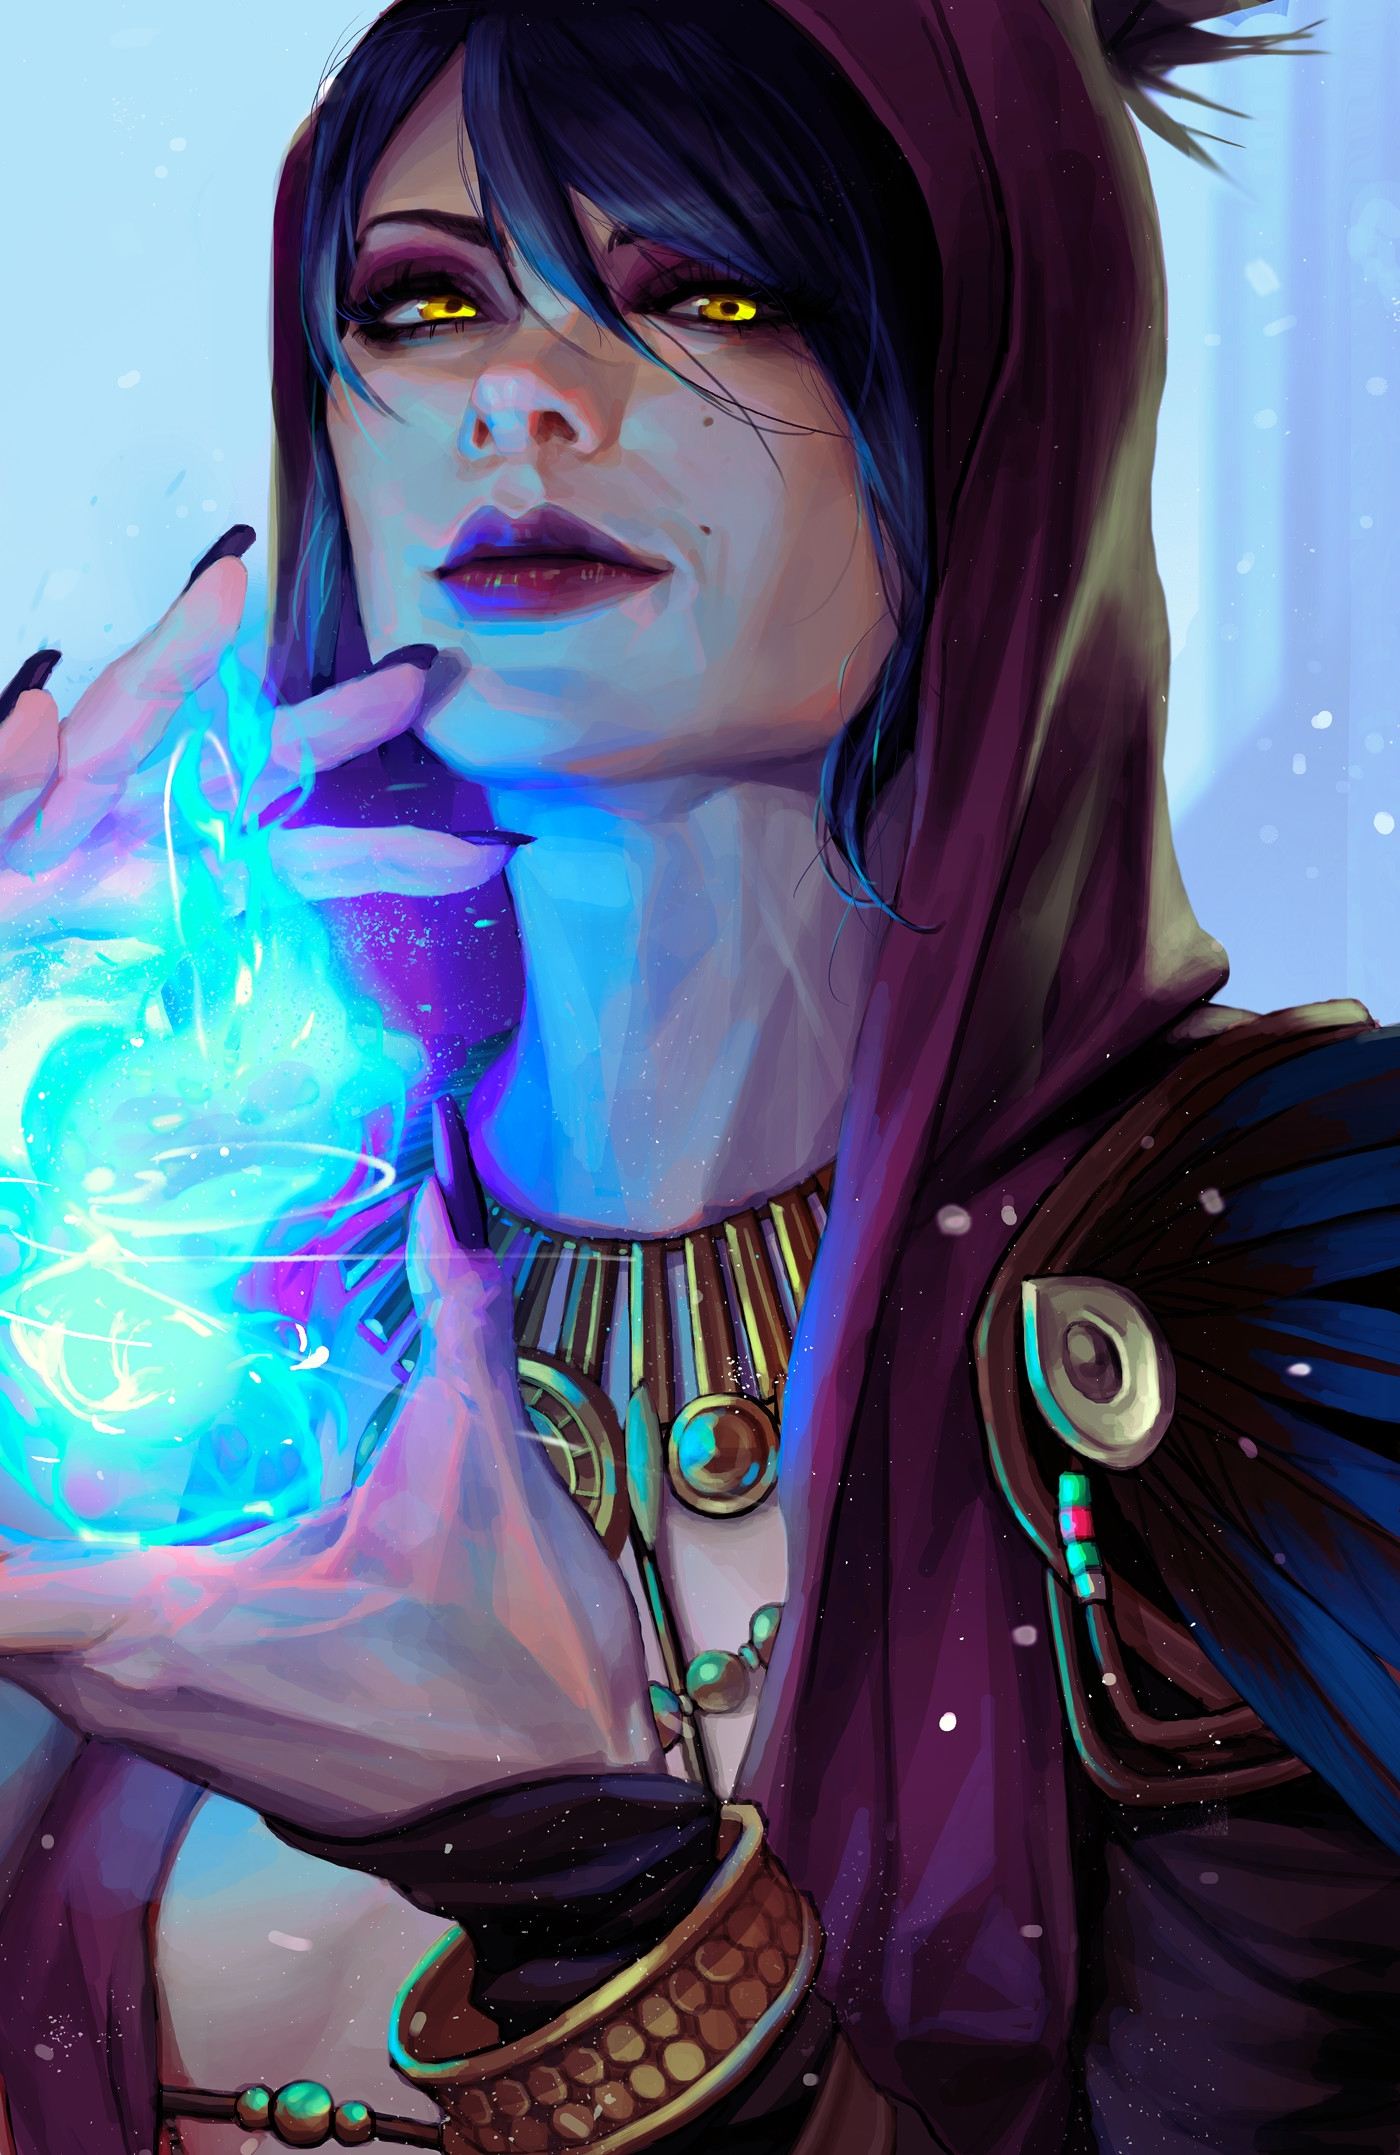 Fantasy Art: Morrigan, by Kim Rukiana